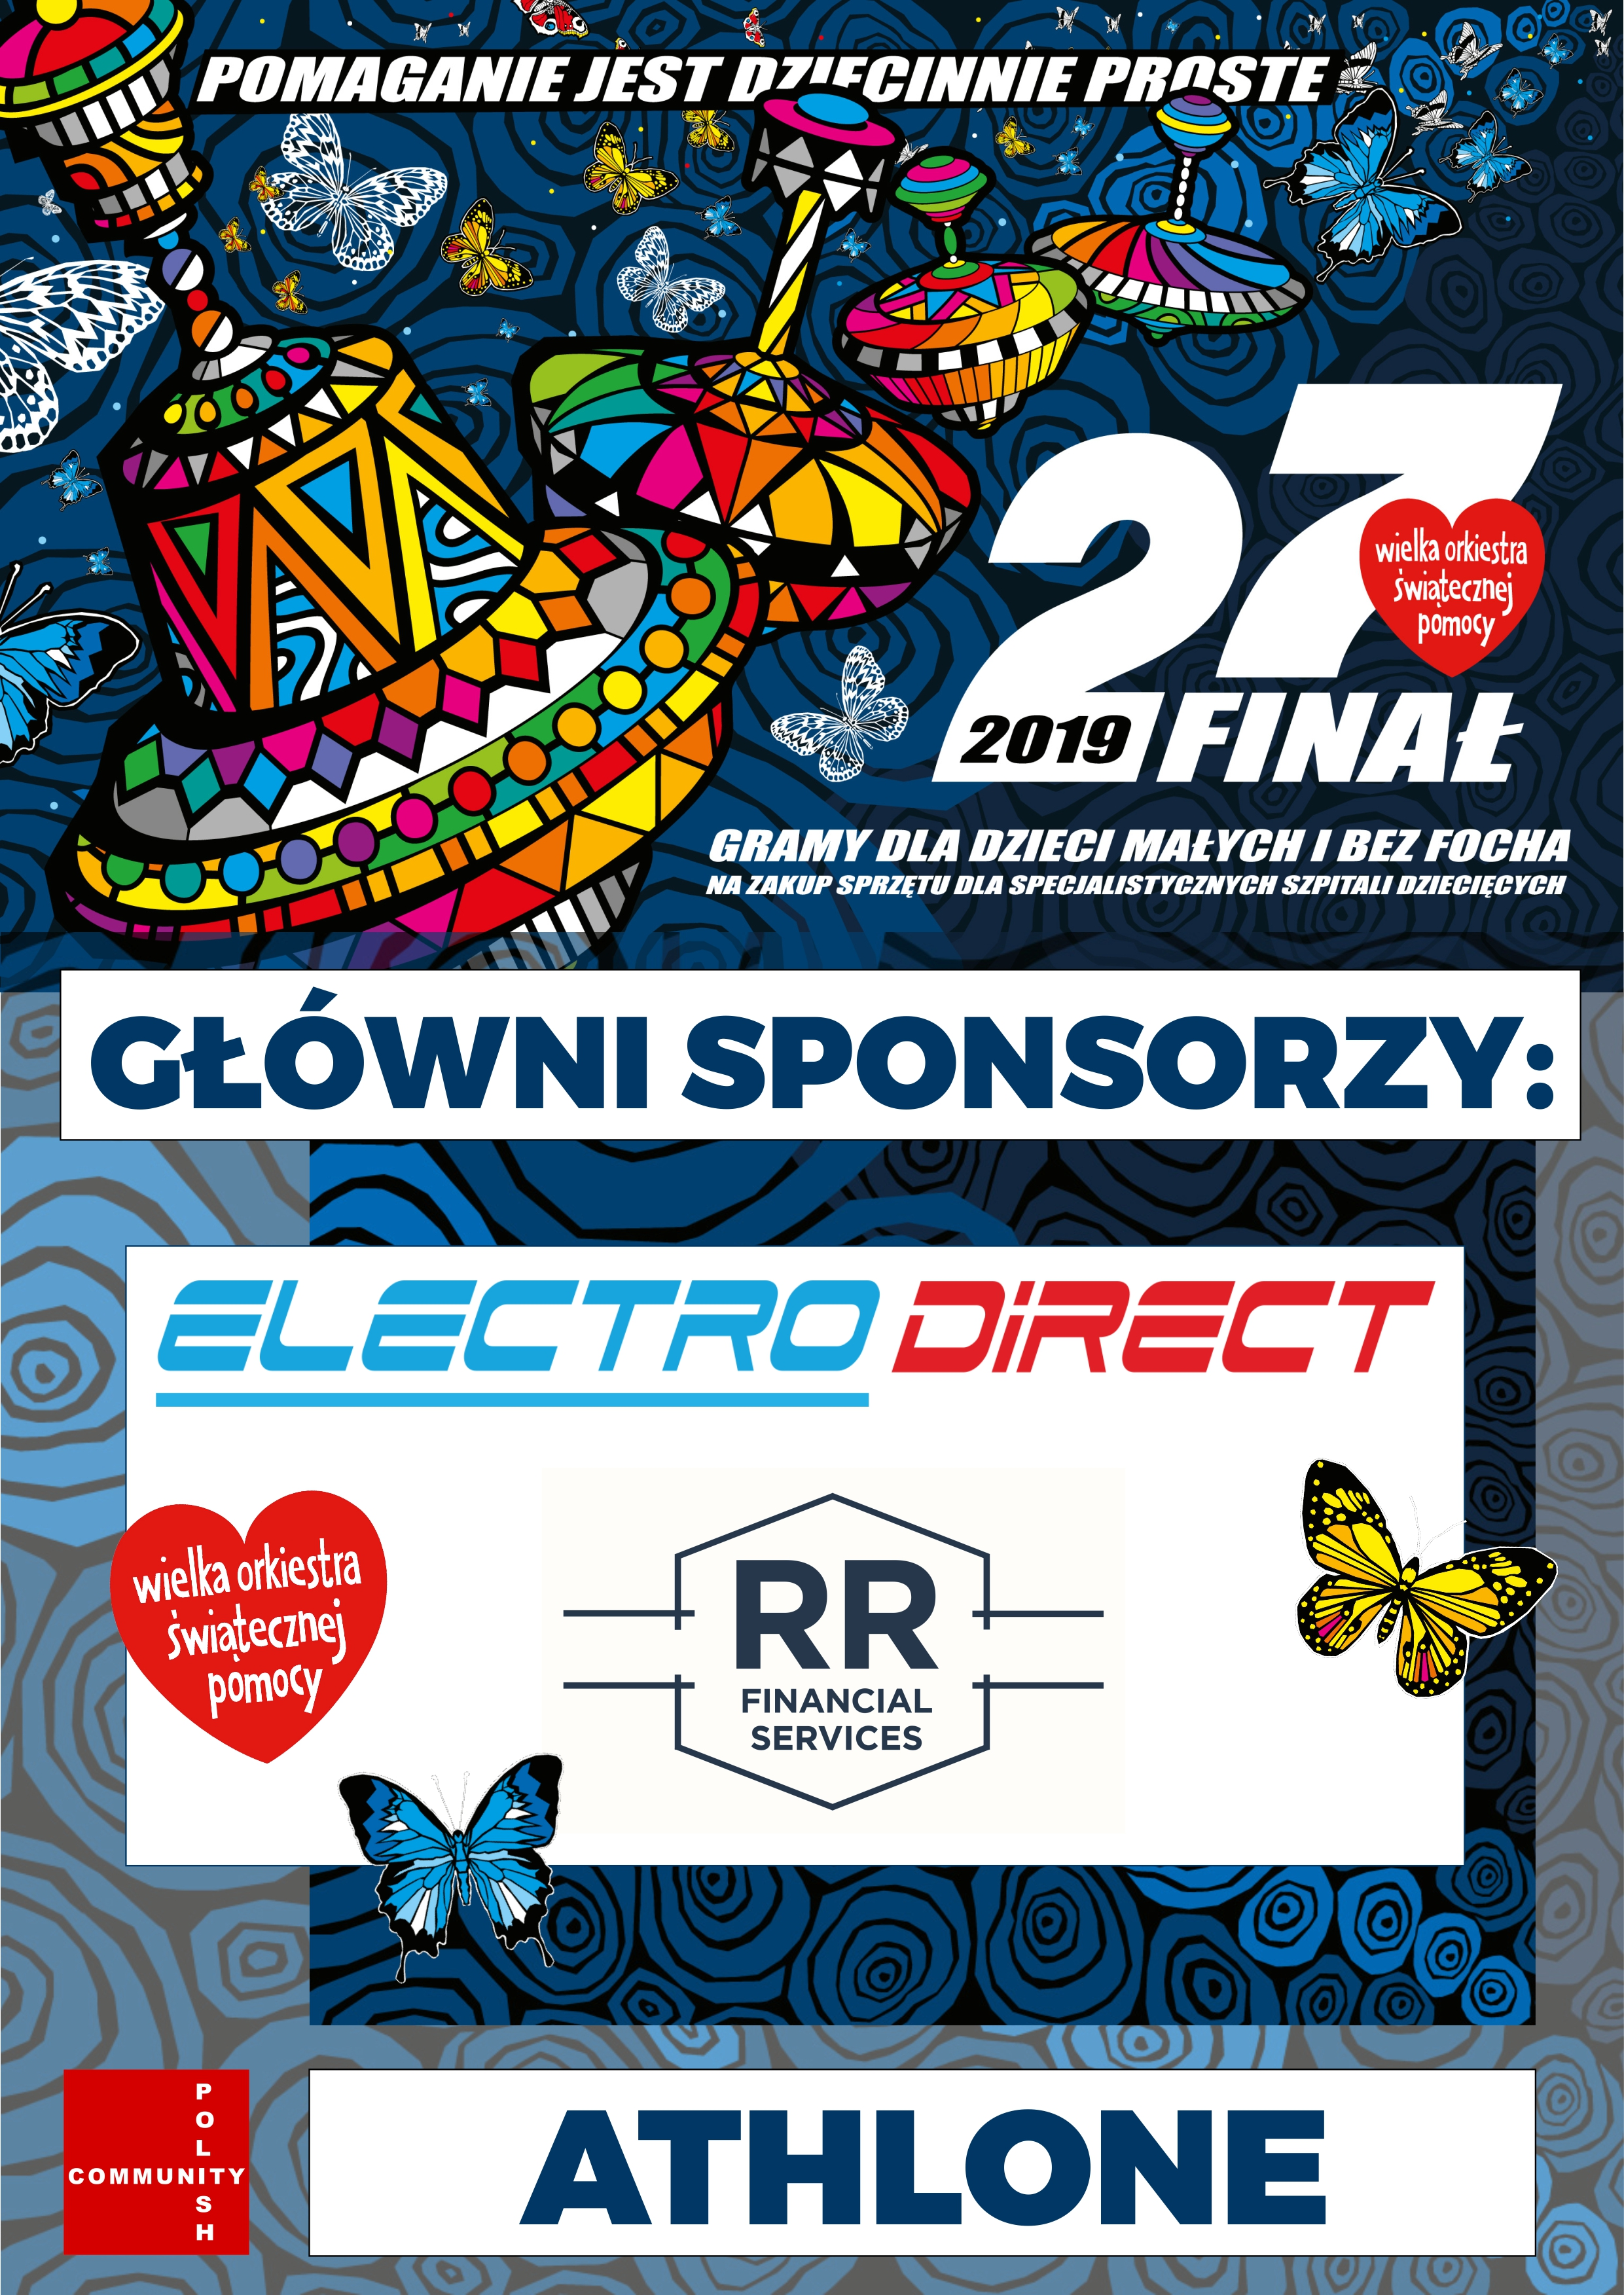 Electro_RR_glowni.jpg